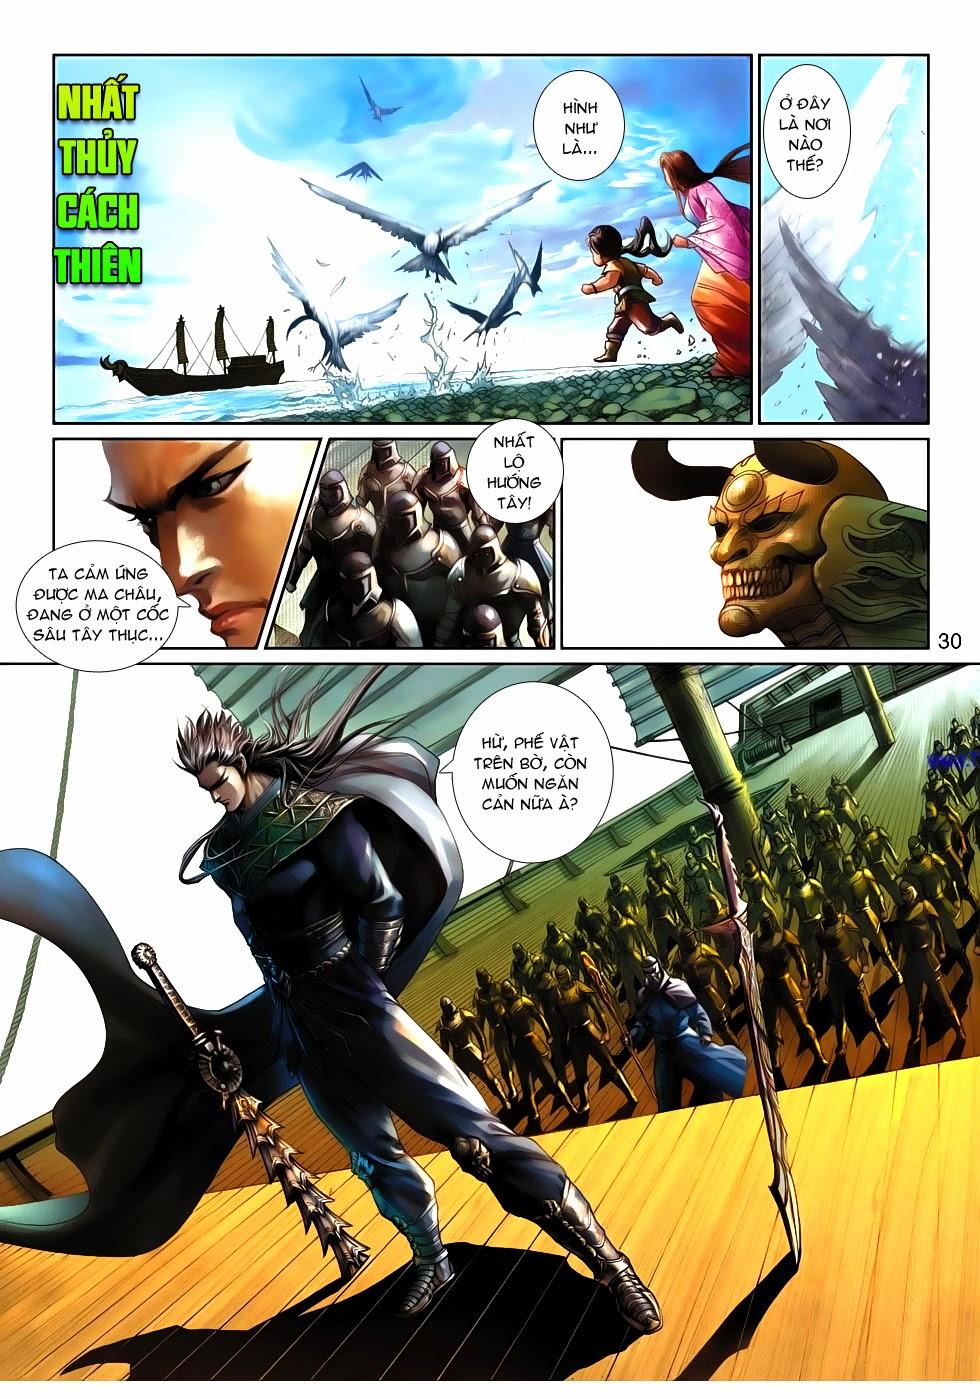 Thần Binh Tiền Truyện 4 - Huyền Thiên Tà Đế chap 10 - Trang 30